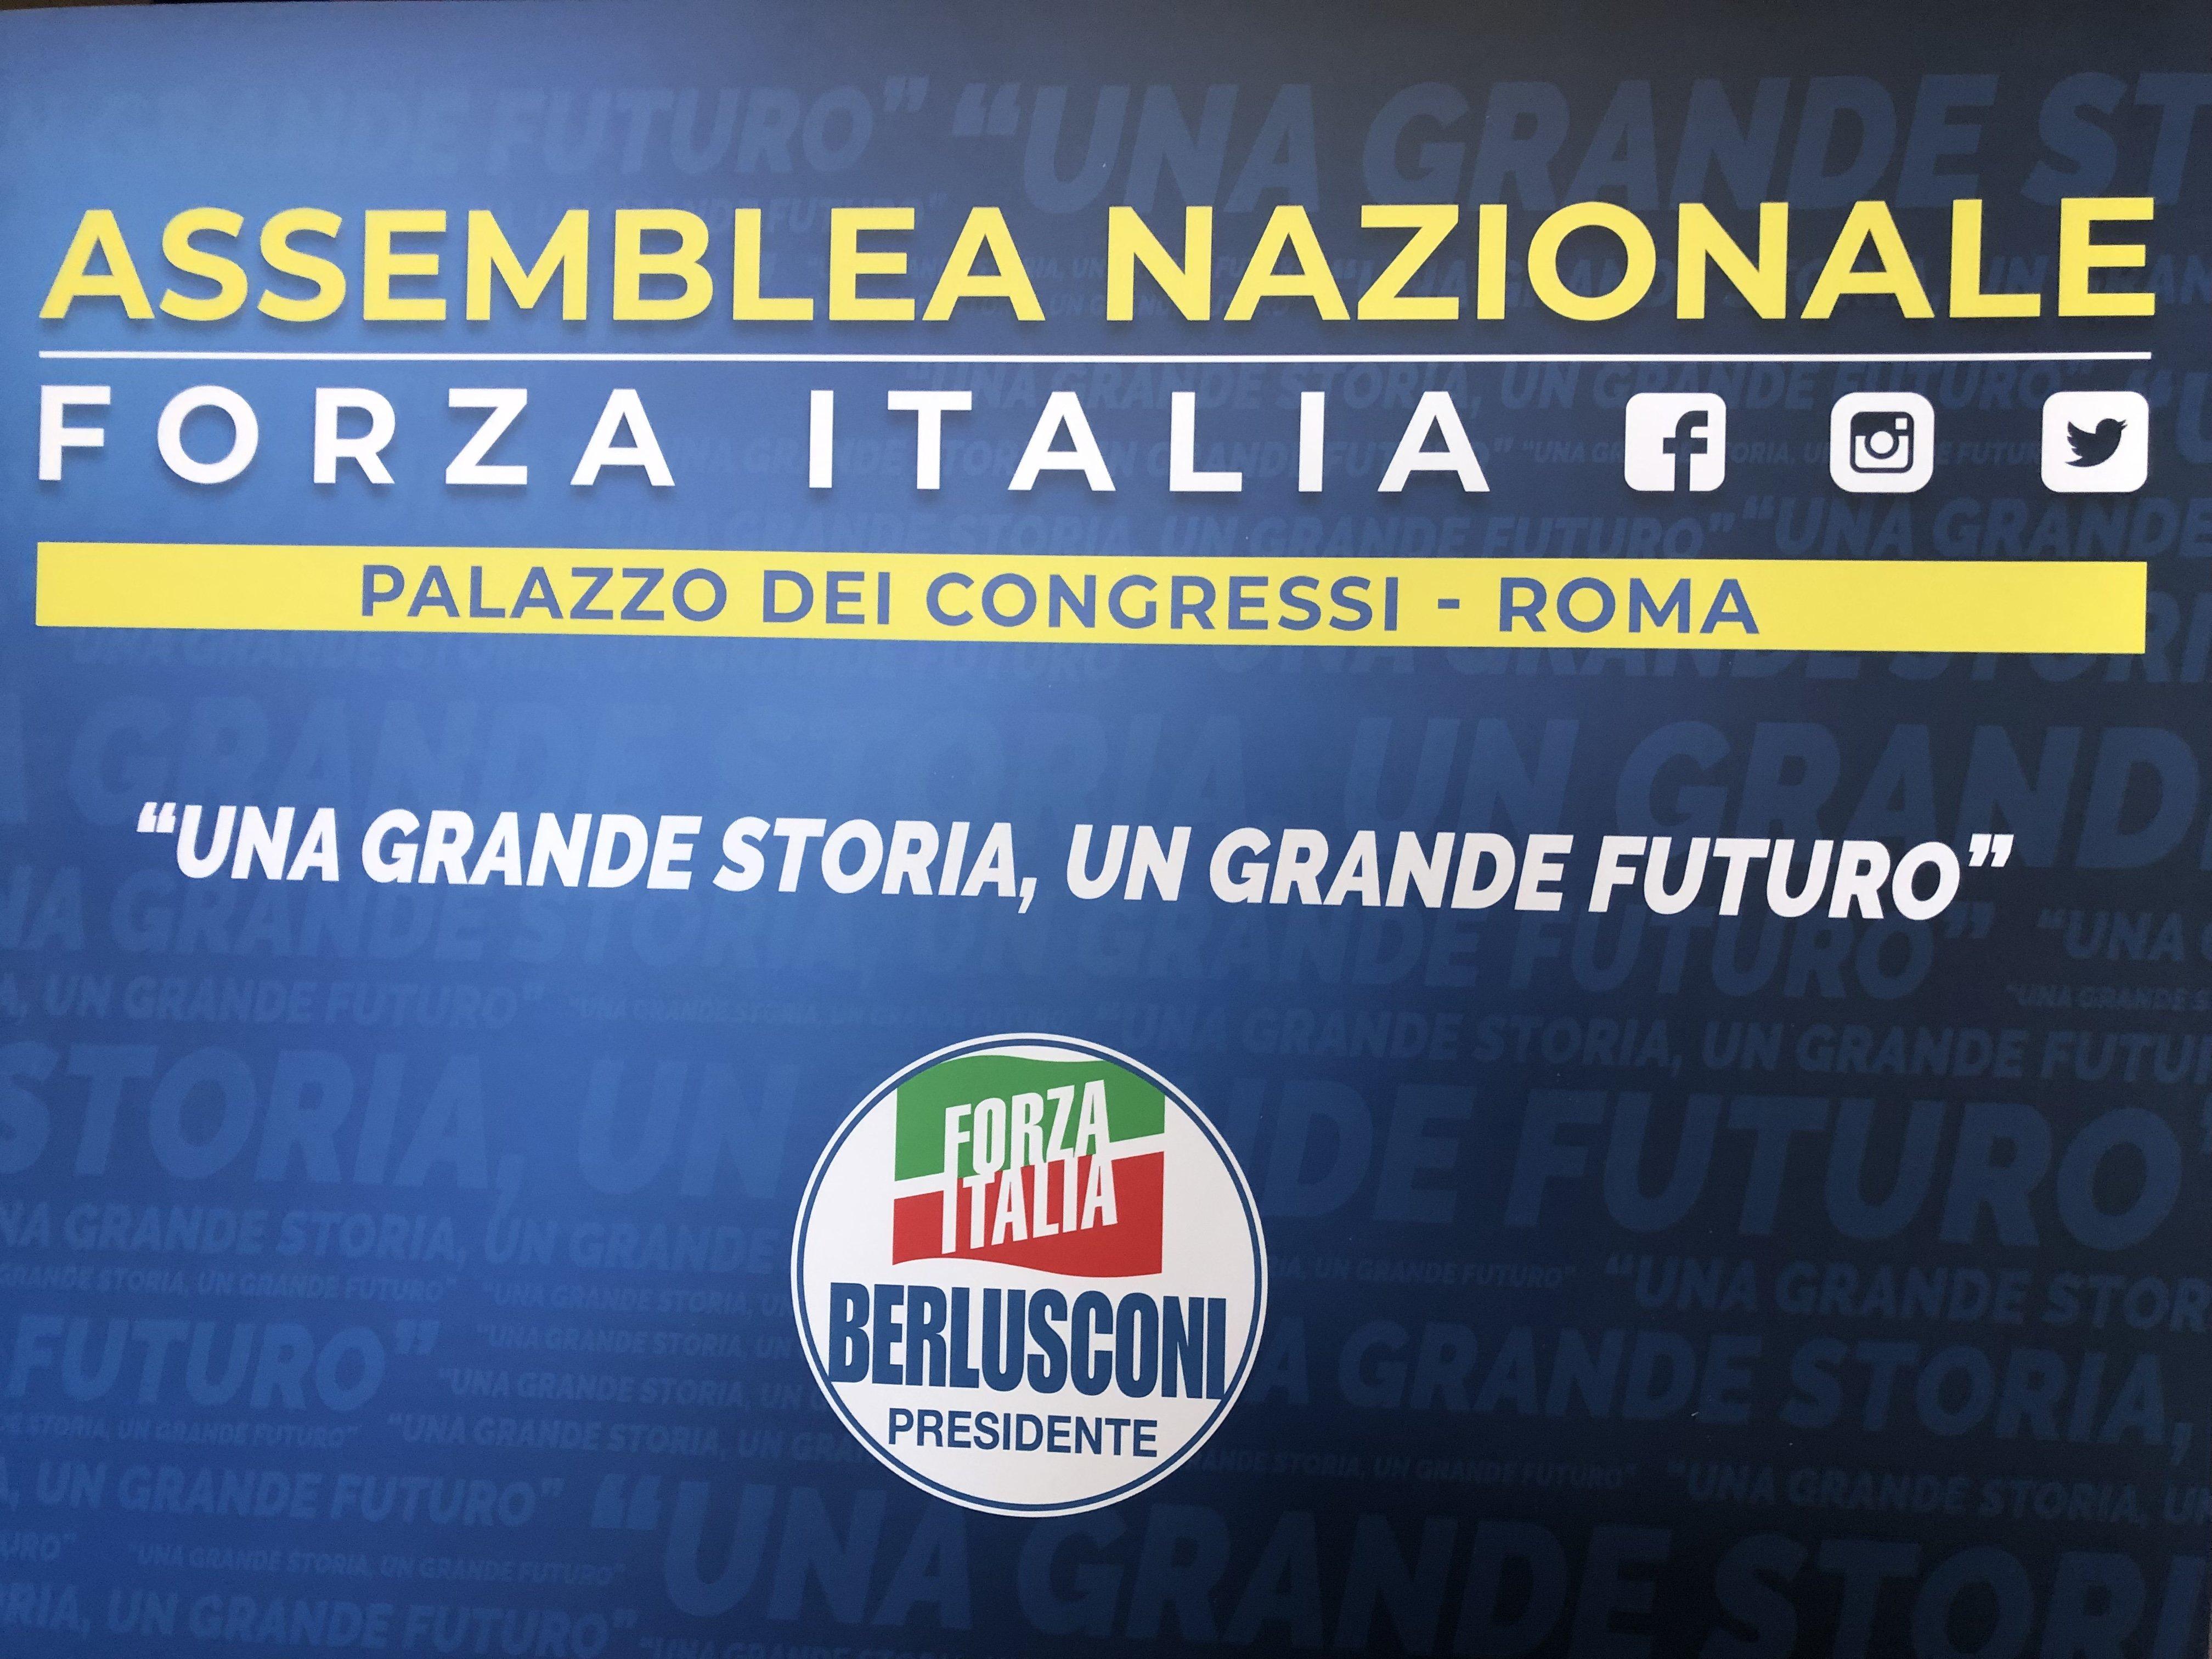 Assemblea Nazionale: Arezzo c'è! 28